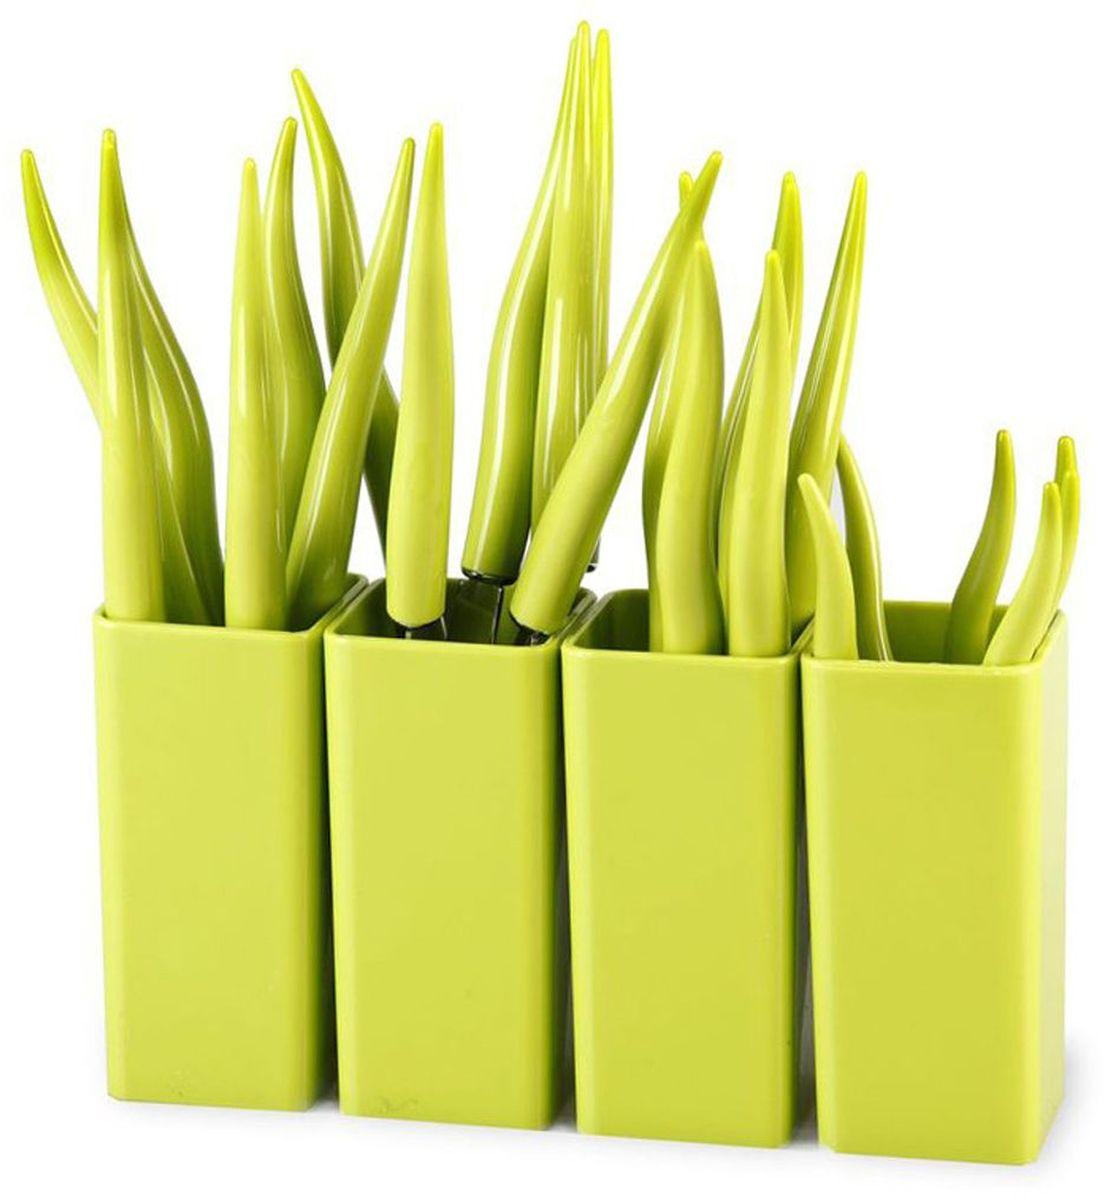 Набор столовых приборов MoulinVilla Chili, цвет: зеленый, 24 предметаTUL-24GСтоловые приборы CHILI 24 предмета подходят под различный интерьер. Столовые приборы CHILI – это яркий стильный дизайн и высокая функциональность. Столовые приборы сделаны из нержавеющей стали и высокопрочного пластика. Набор 24 предмета: 6 вилок, 6 ножей, 6 столовых ложек, 6 чайных ложек, 4 подставки. Их срок годности не ограничен.